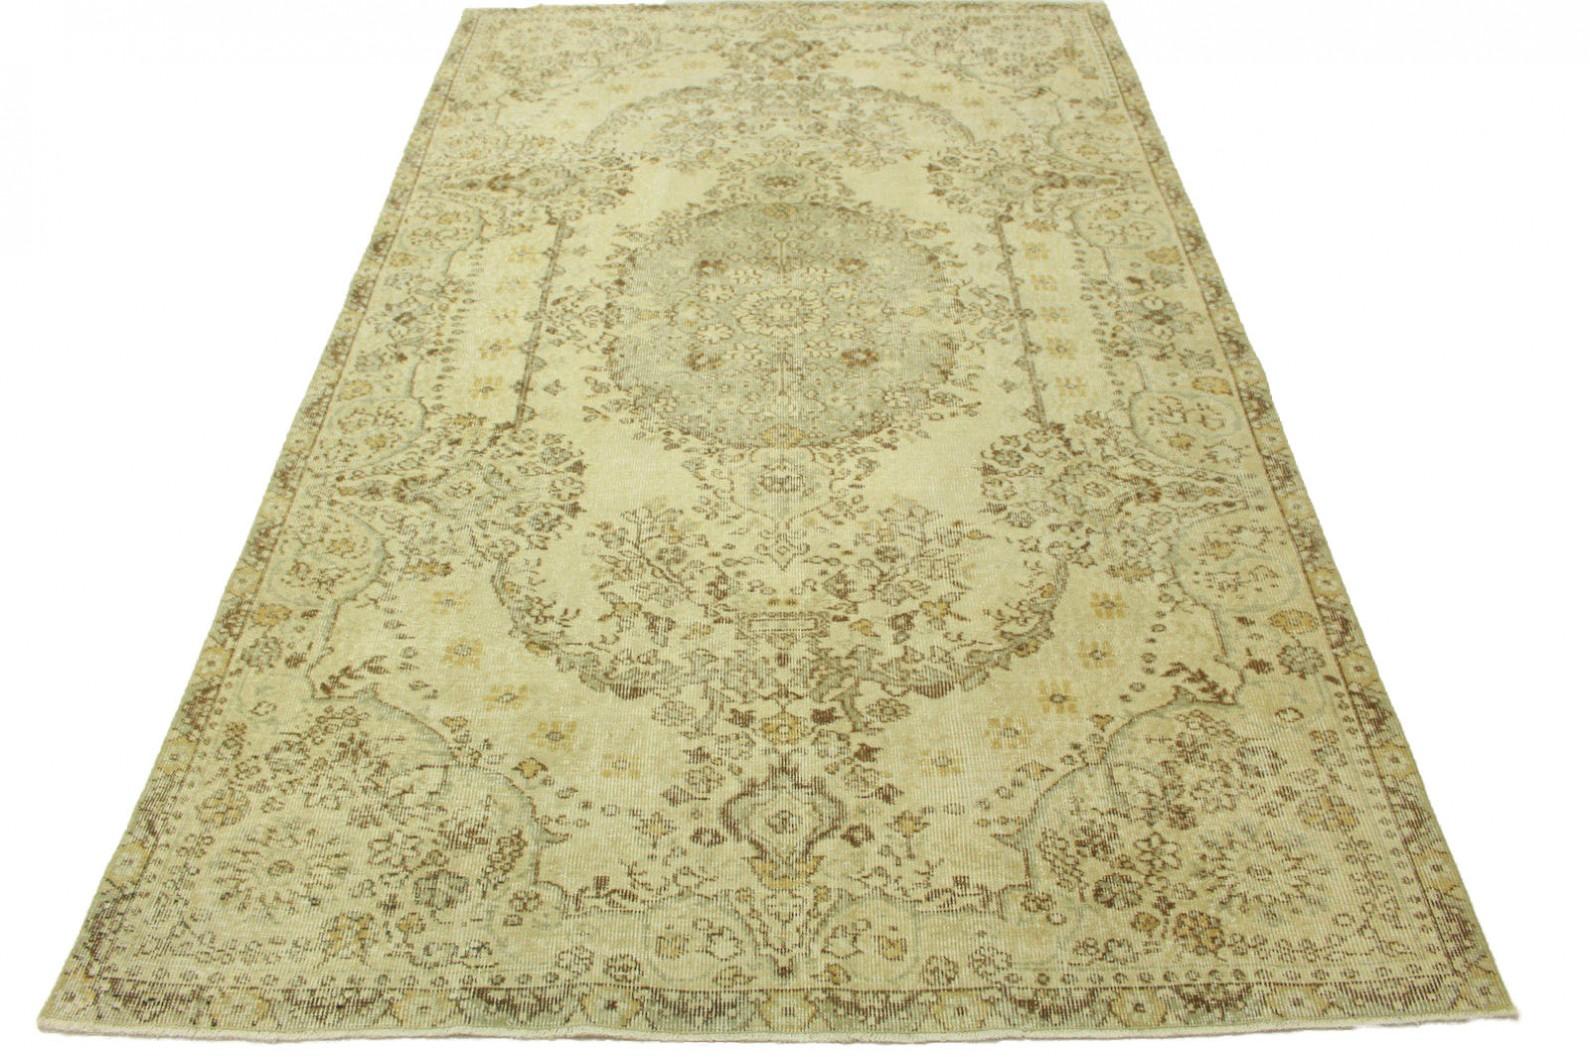 vintage teppich beige in 280x170cm 1011 5114 bei kaufen. Black Bedroom Furniture Sets. Home Design Ideas